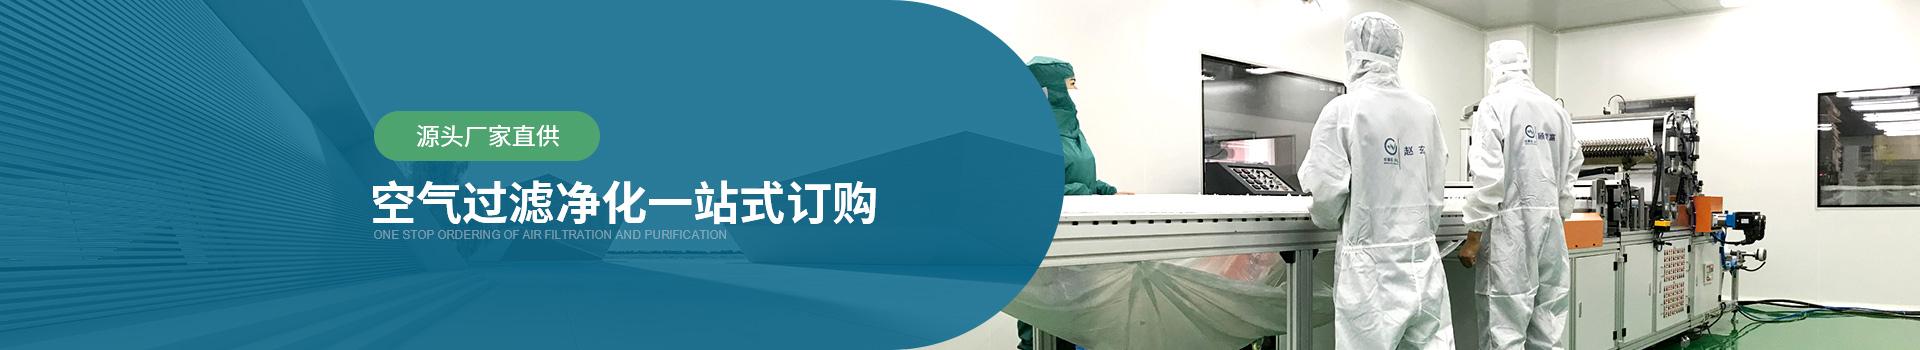 威尔斯净化源头厂家直供,空气过滤器净化一站式订购